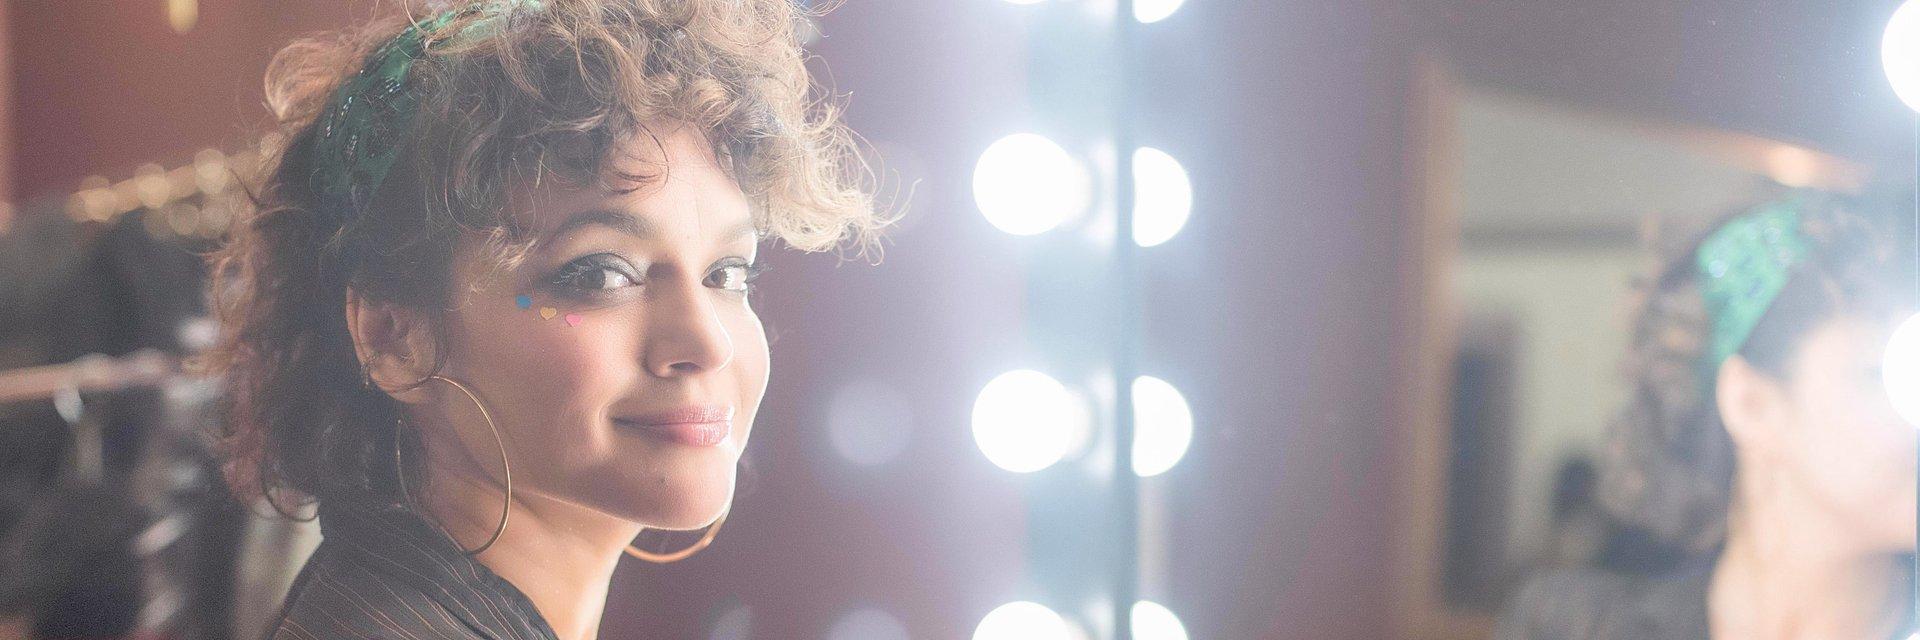 Pierwszy w karierze koncertowy album Norah Jones już dostępny